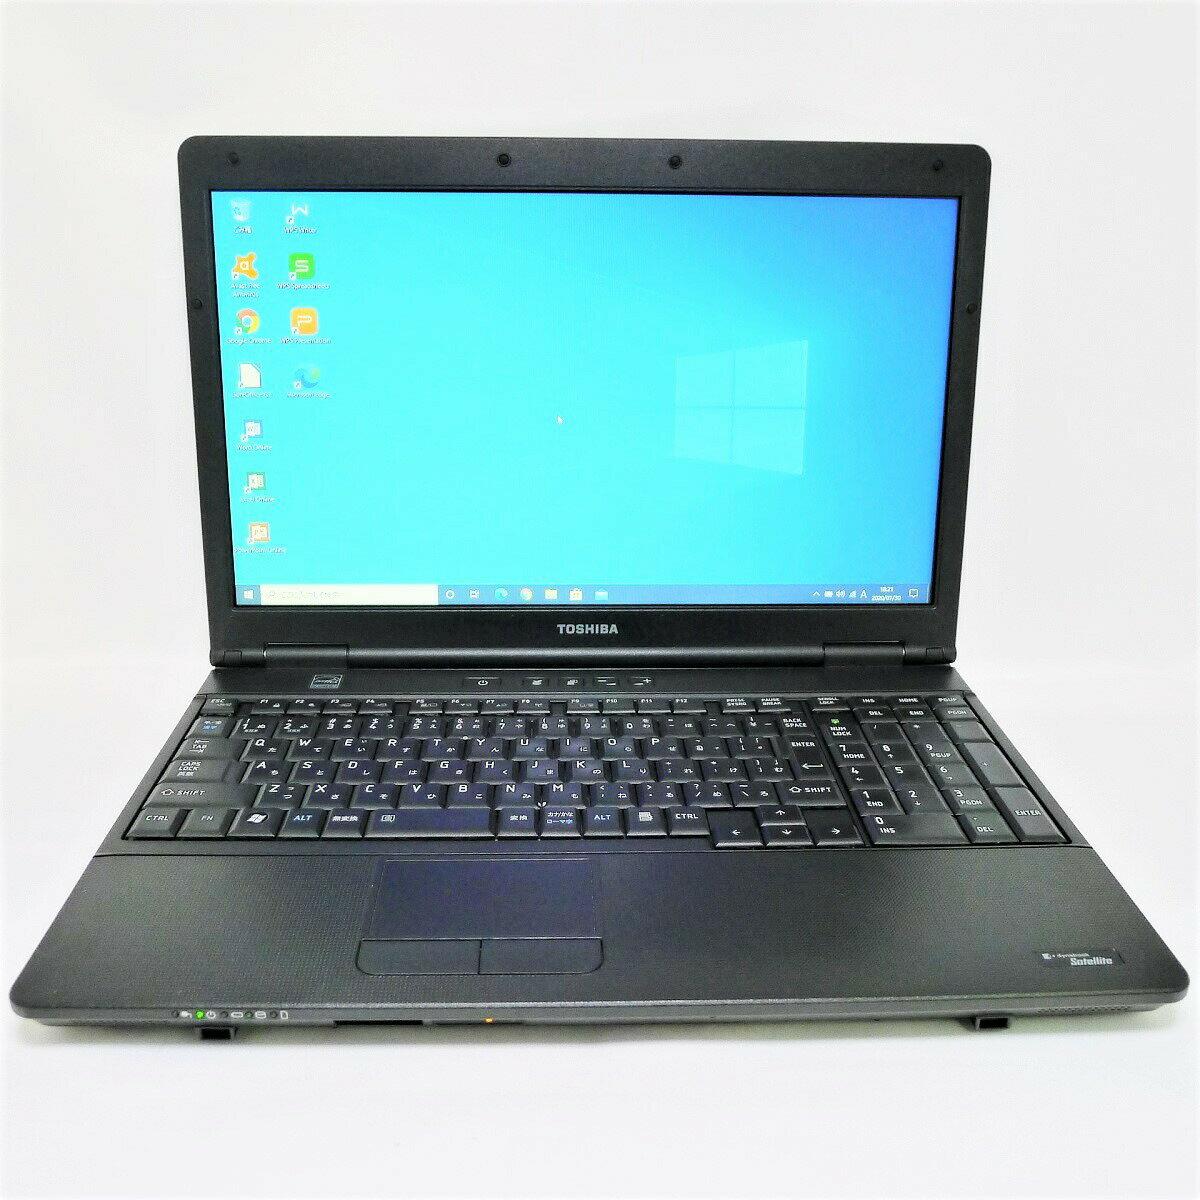 パソコン, ノートPC TOSHIBA dynabook Satellite B552 Core i3 16GB SSD2TB DVD-ROM LAN Windows10 64bitWPSOffice 15.6